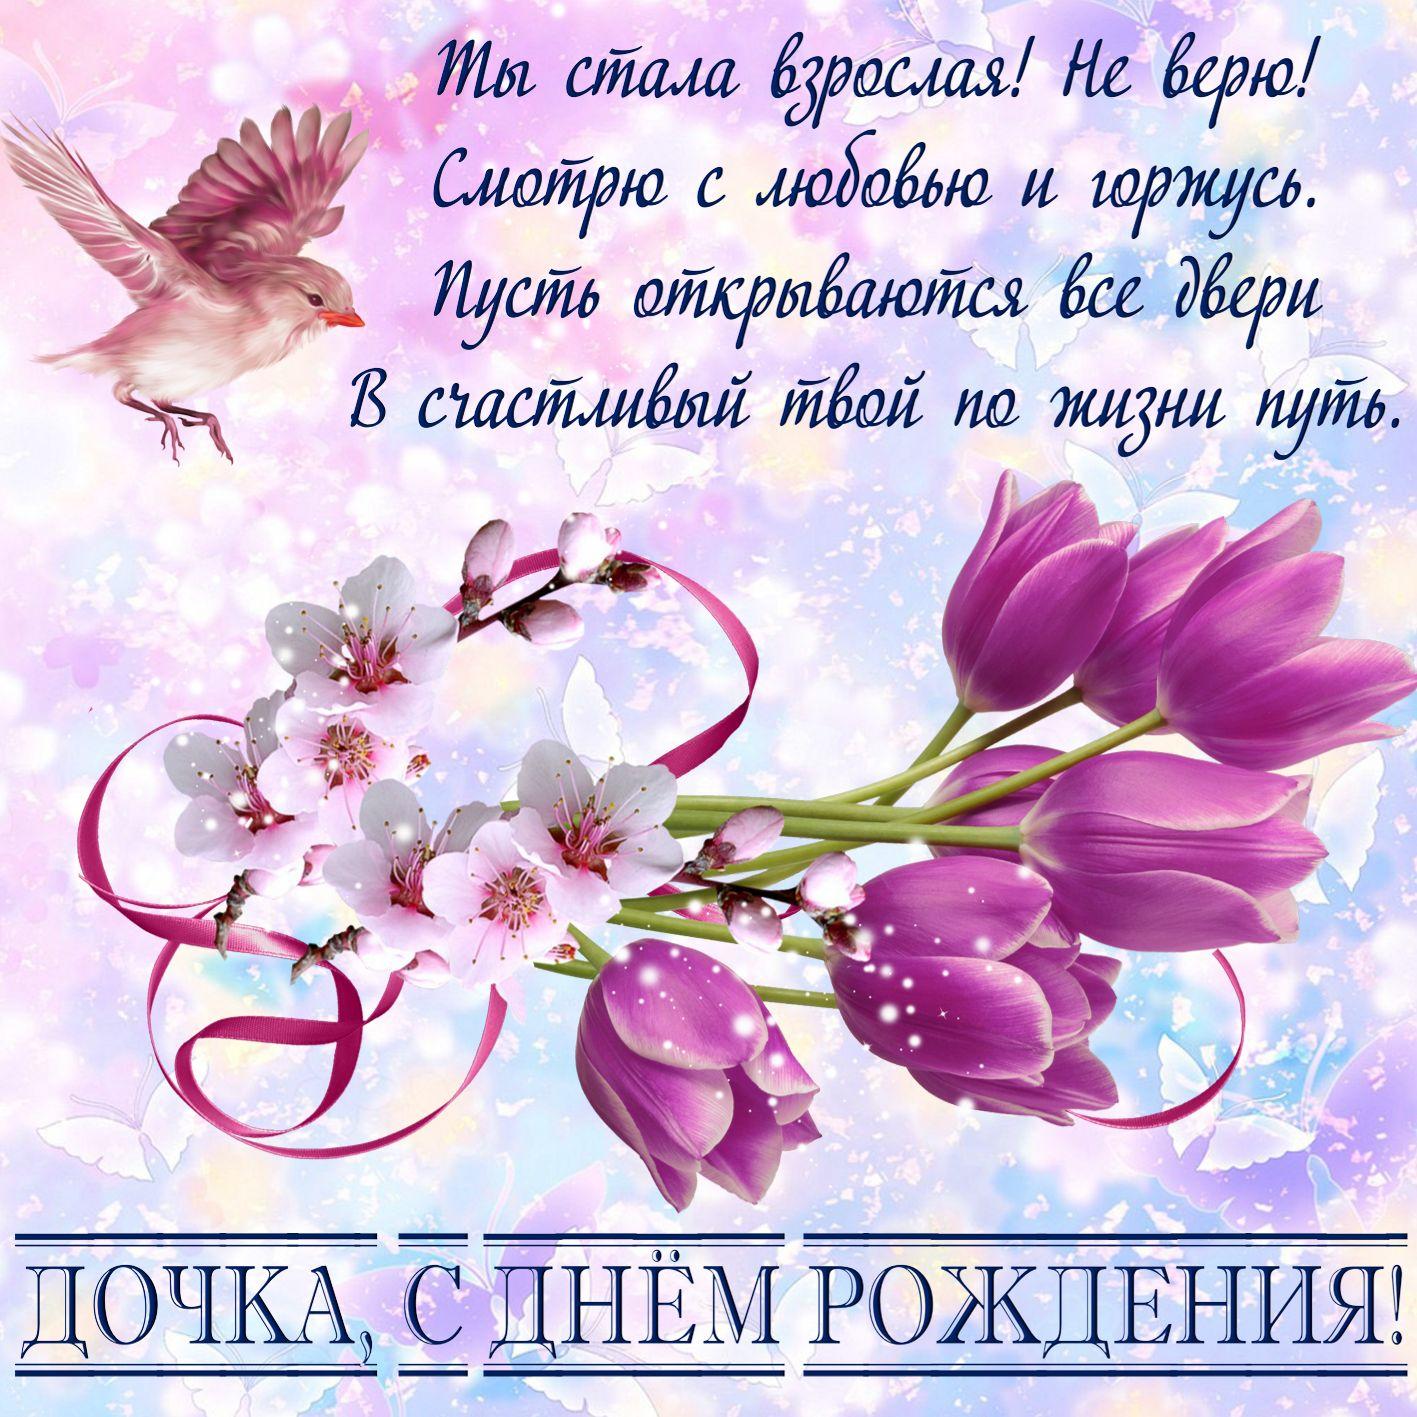 Поздравление с днем рождения дочери в открытке